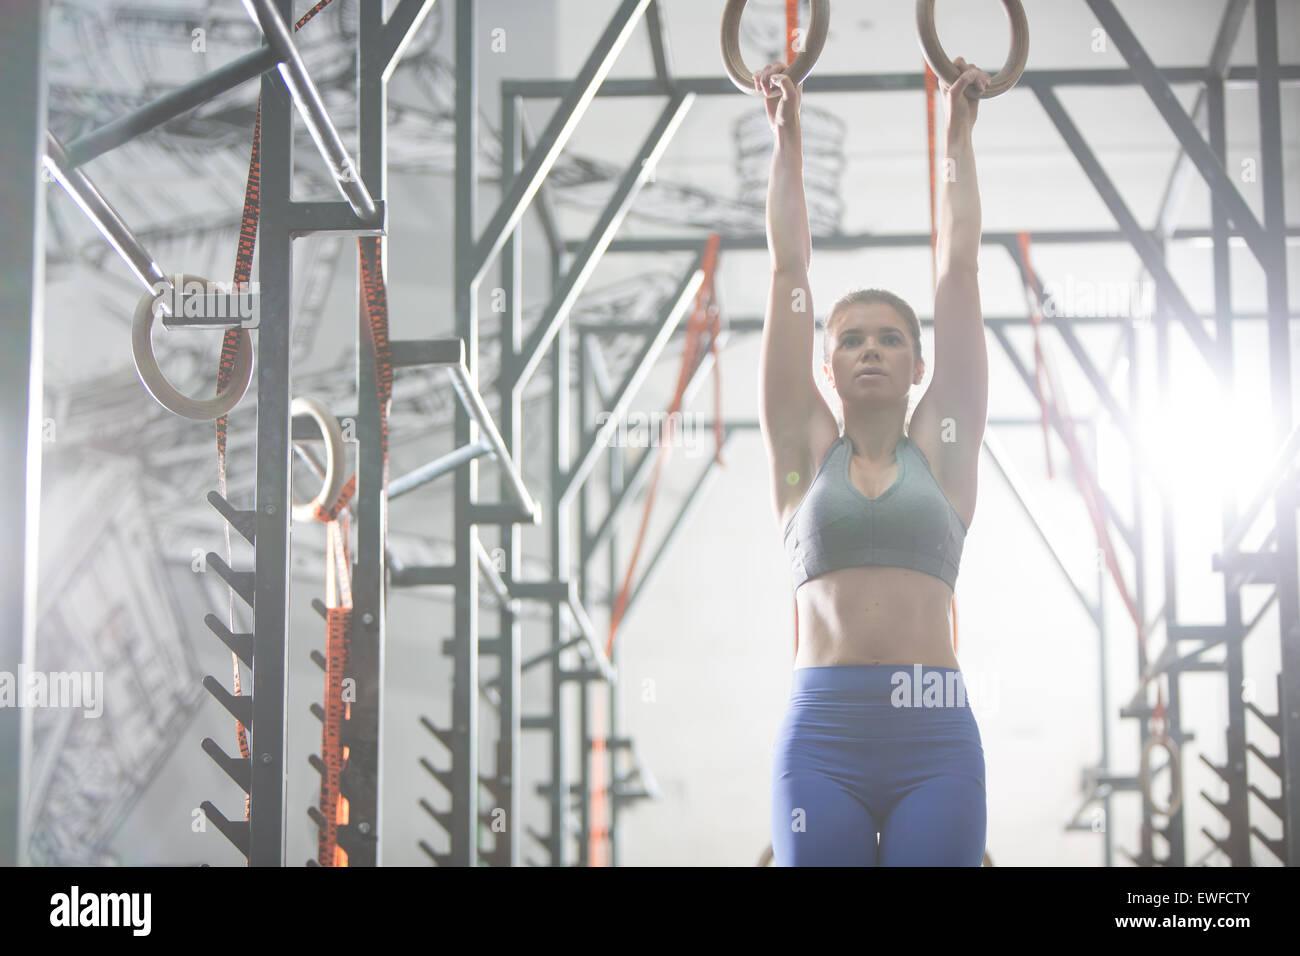 Seguros de la mujer ejerce con anillos de gimnasia en el gimnasio crossfit Imagen De Stock